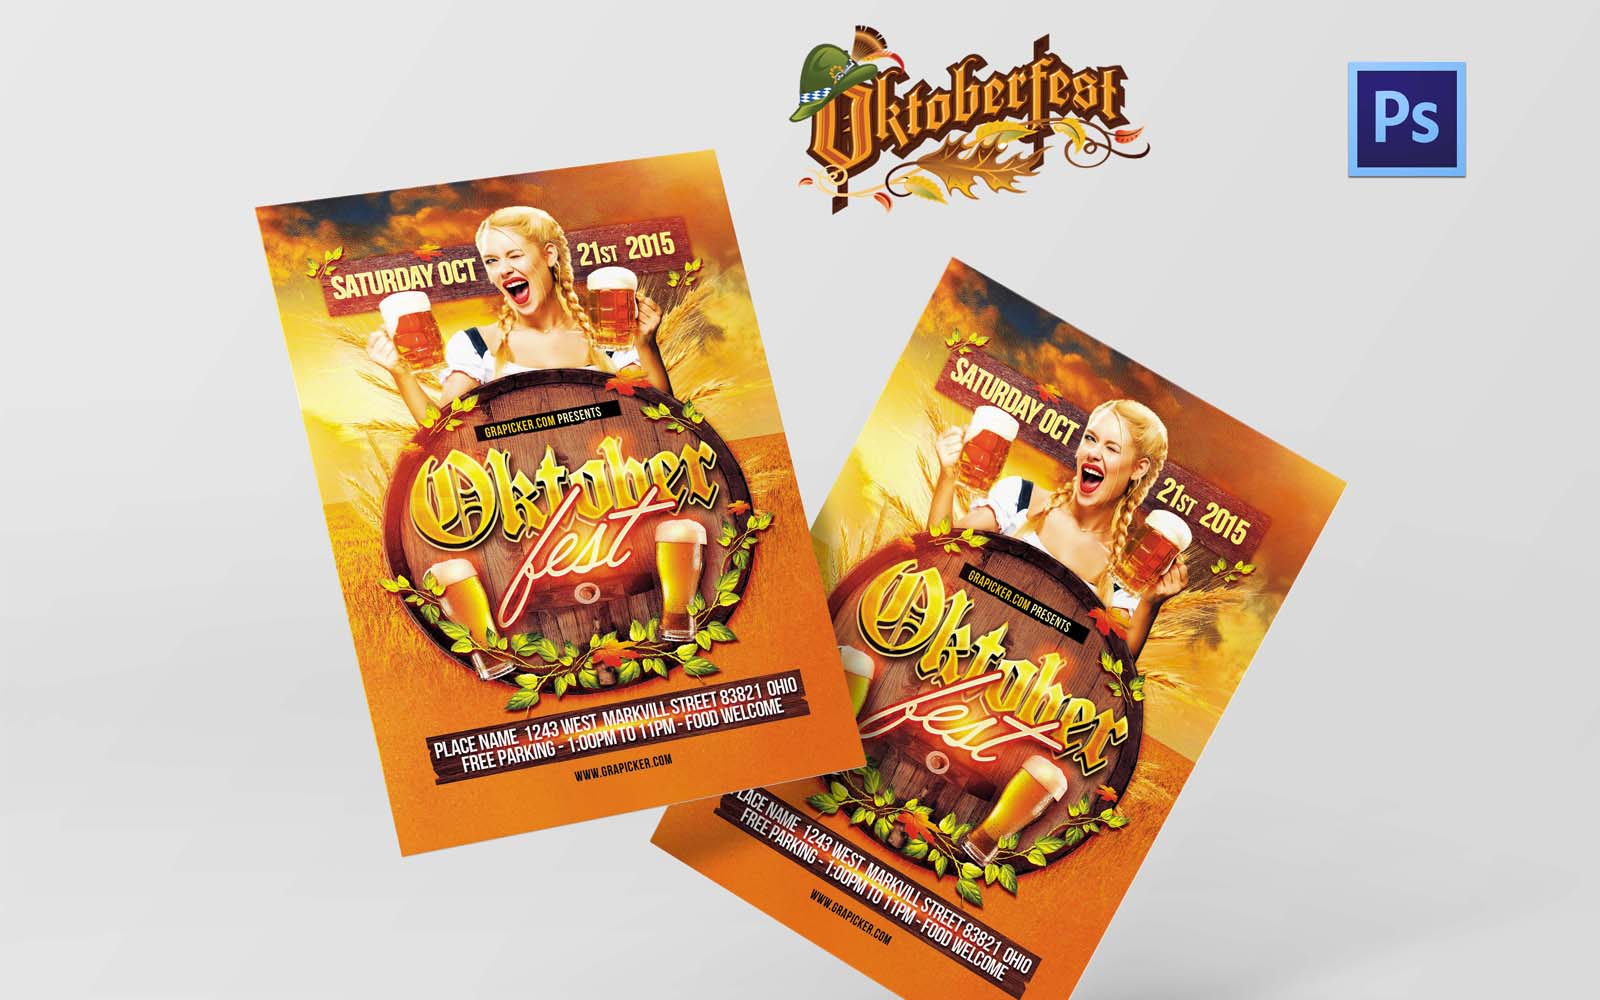 Oktoberfest Fest Party PSD sablon 154091